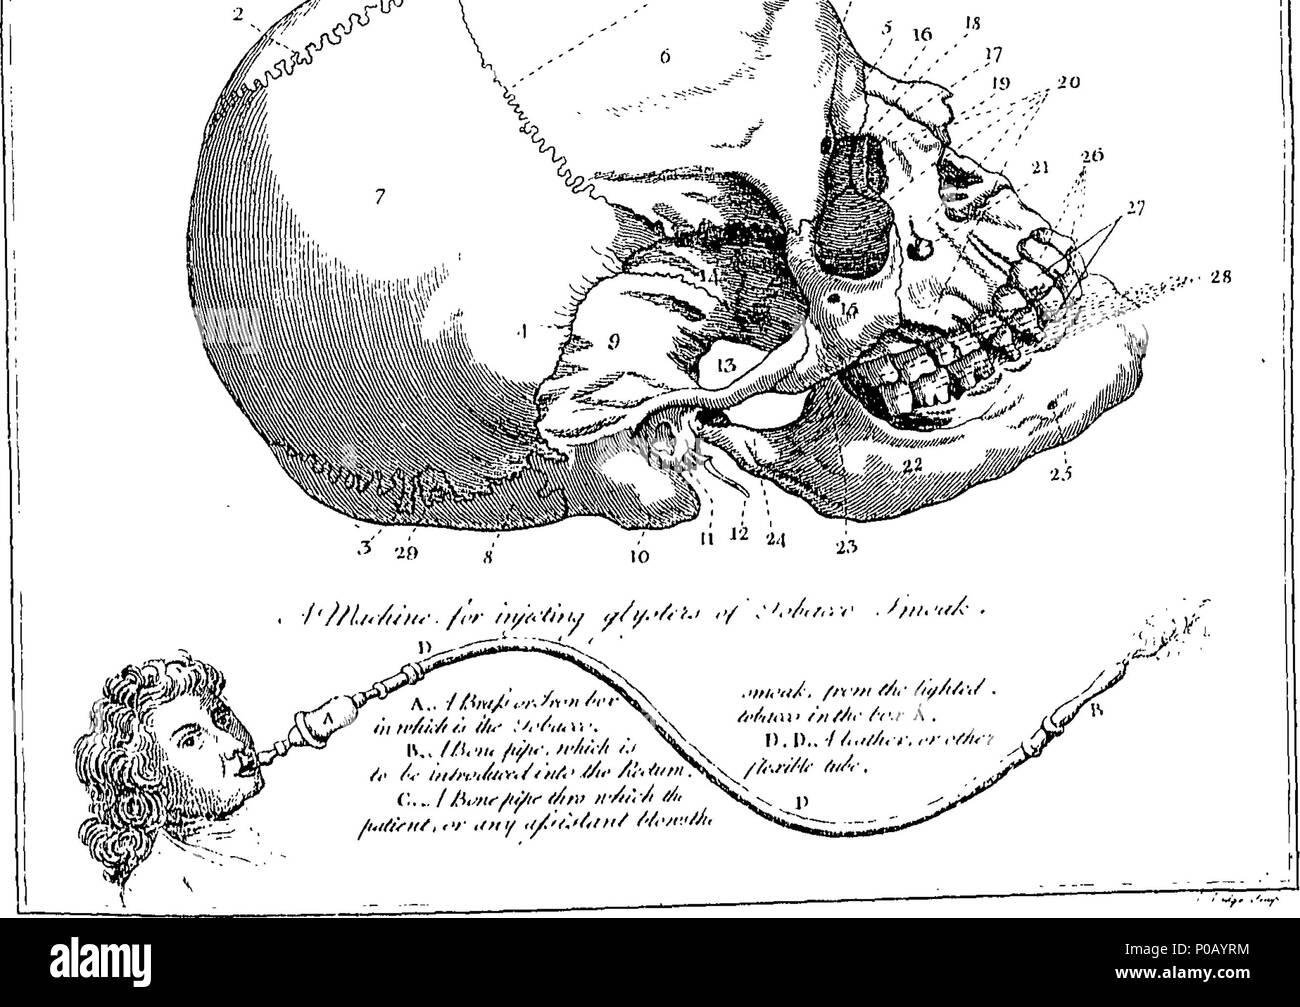 Wunderbar Anatomie Und Physiologie Beziehung Fotos - Physiologie Von ...